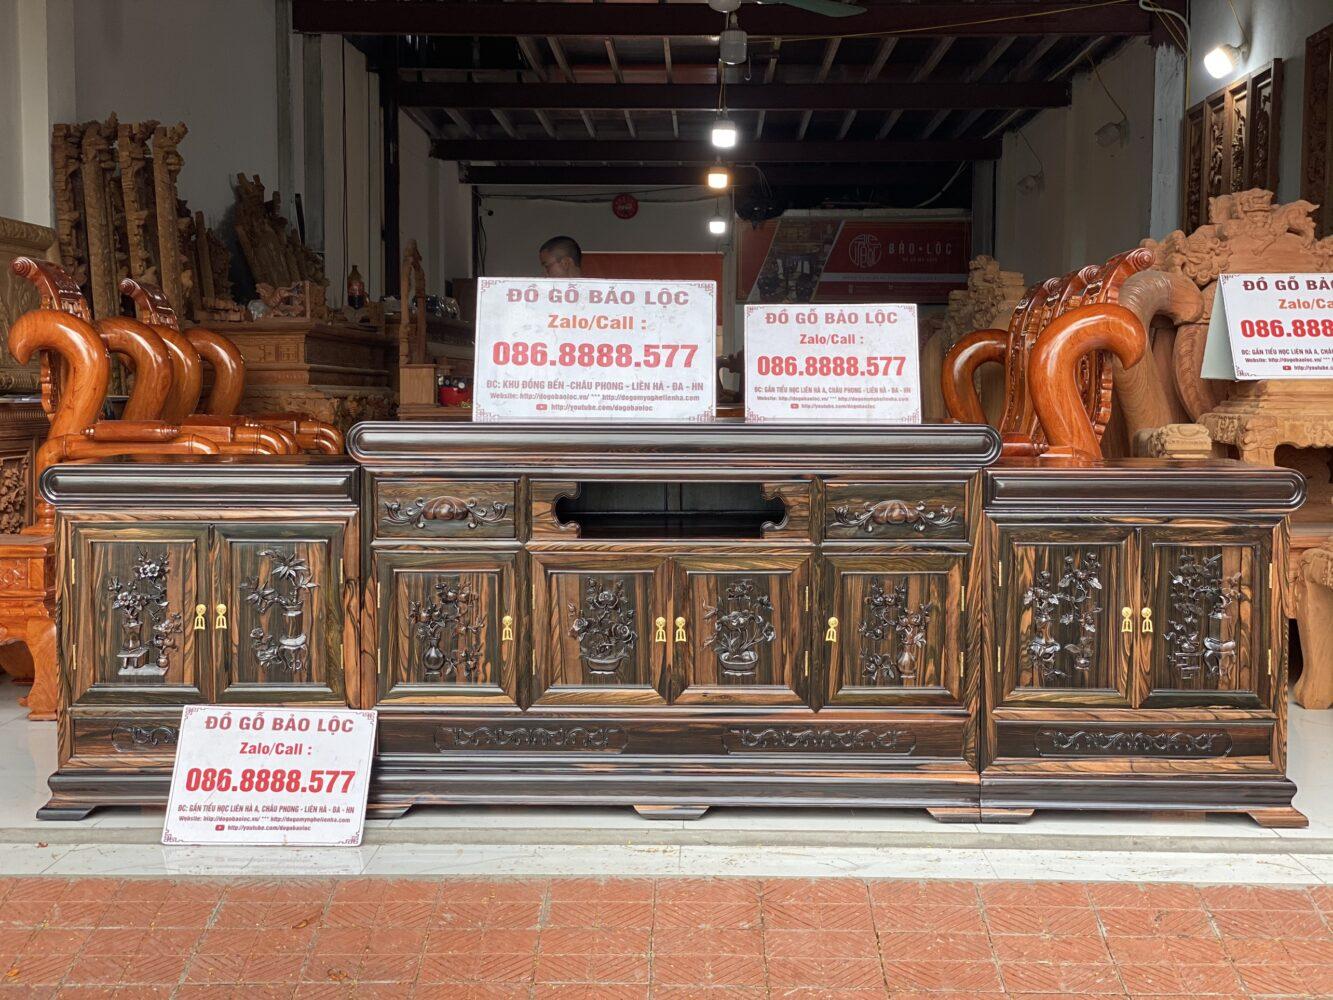 Kệ Tivi Mõ 3 Cục Đồng Tiền 2m6 Gỗ Mun Hoa Lào